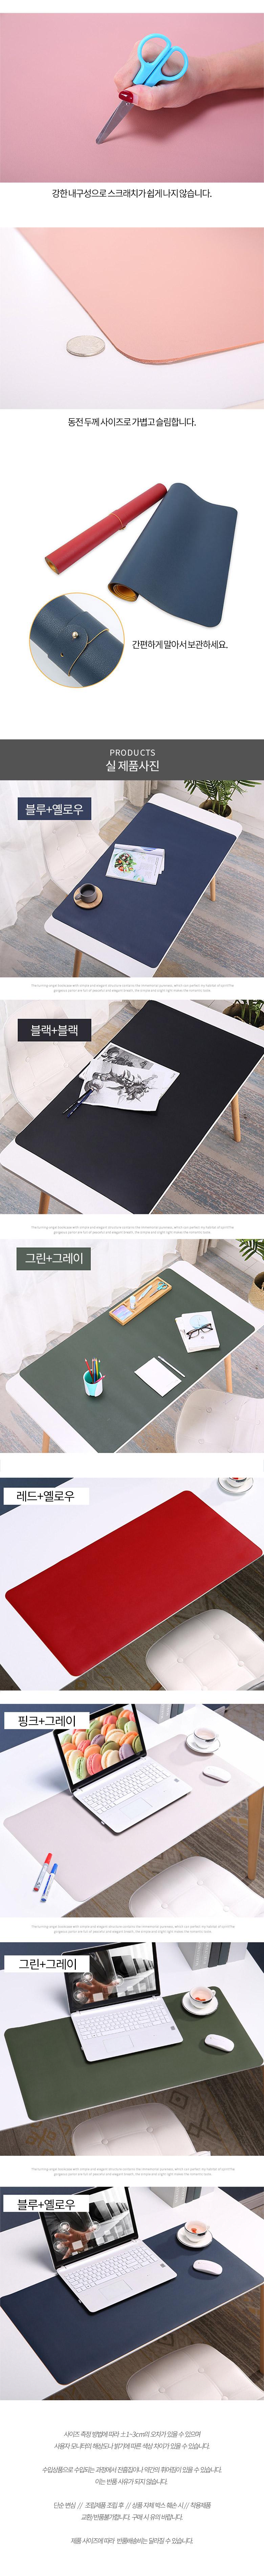 데스크매트 데스크패드 책상패드 - 홀트레이드, 13,900원, 데스크정리, 데스크매트